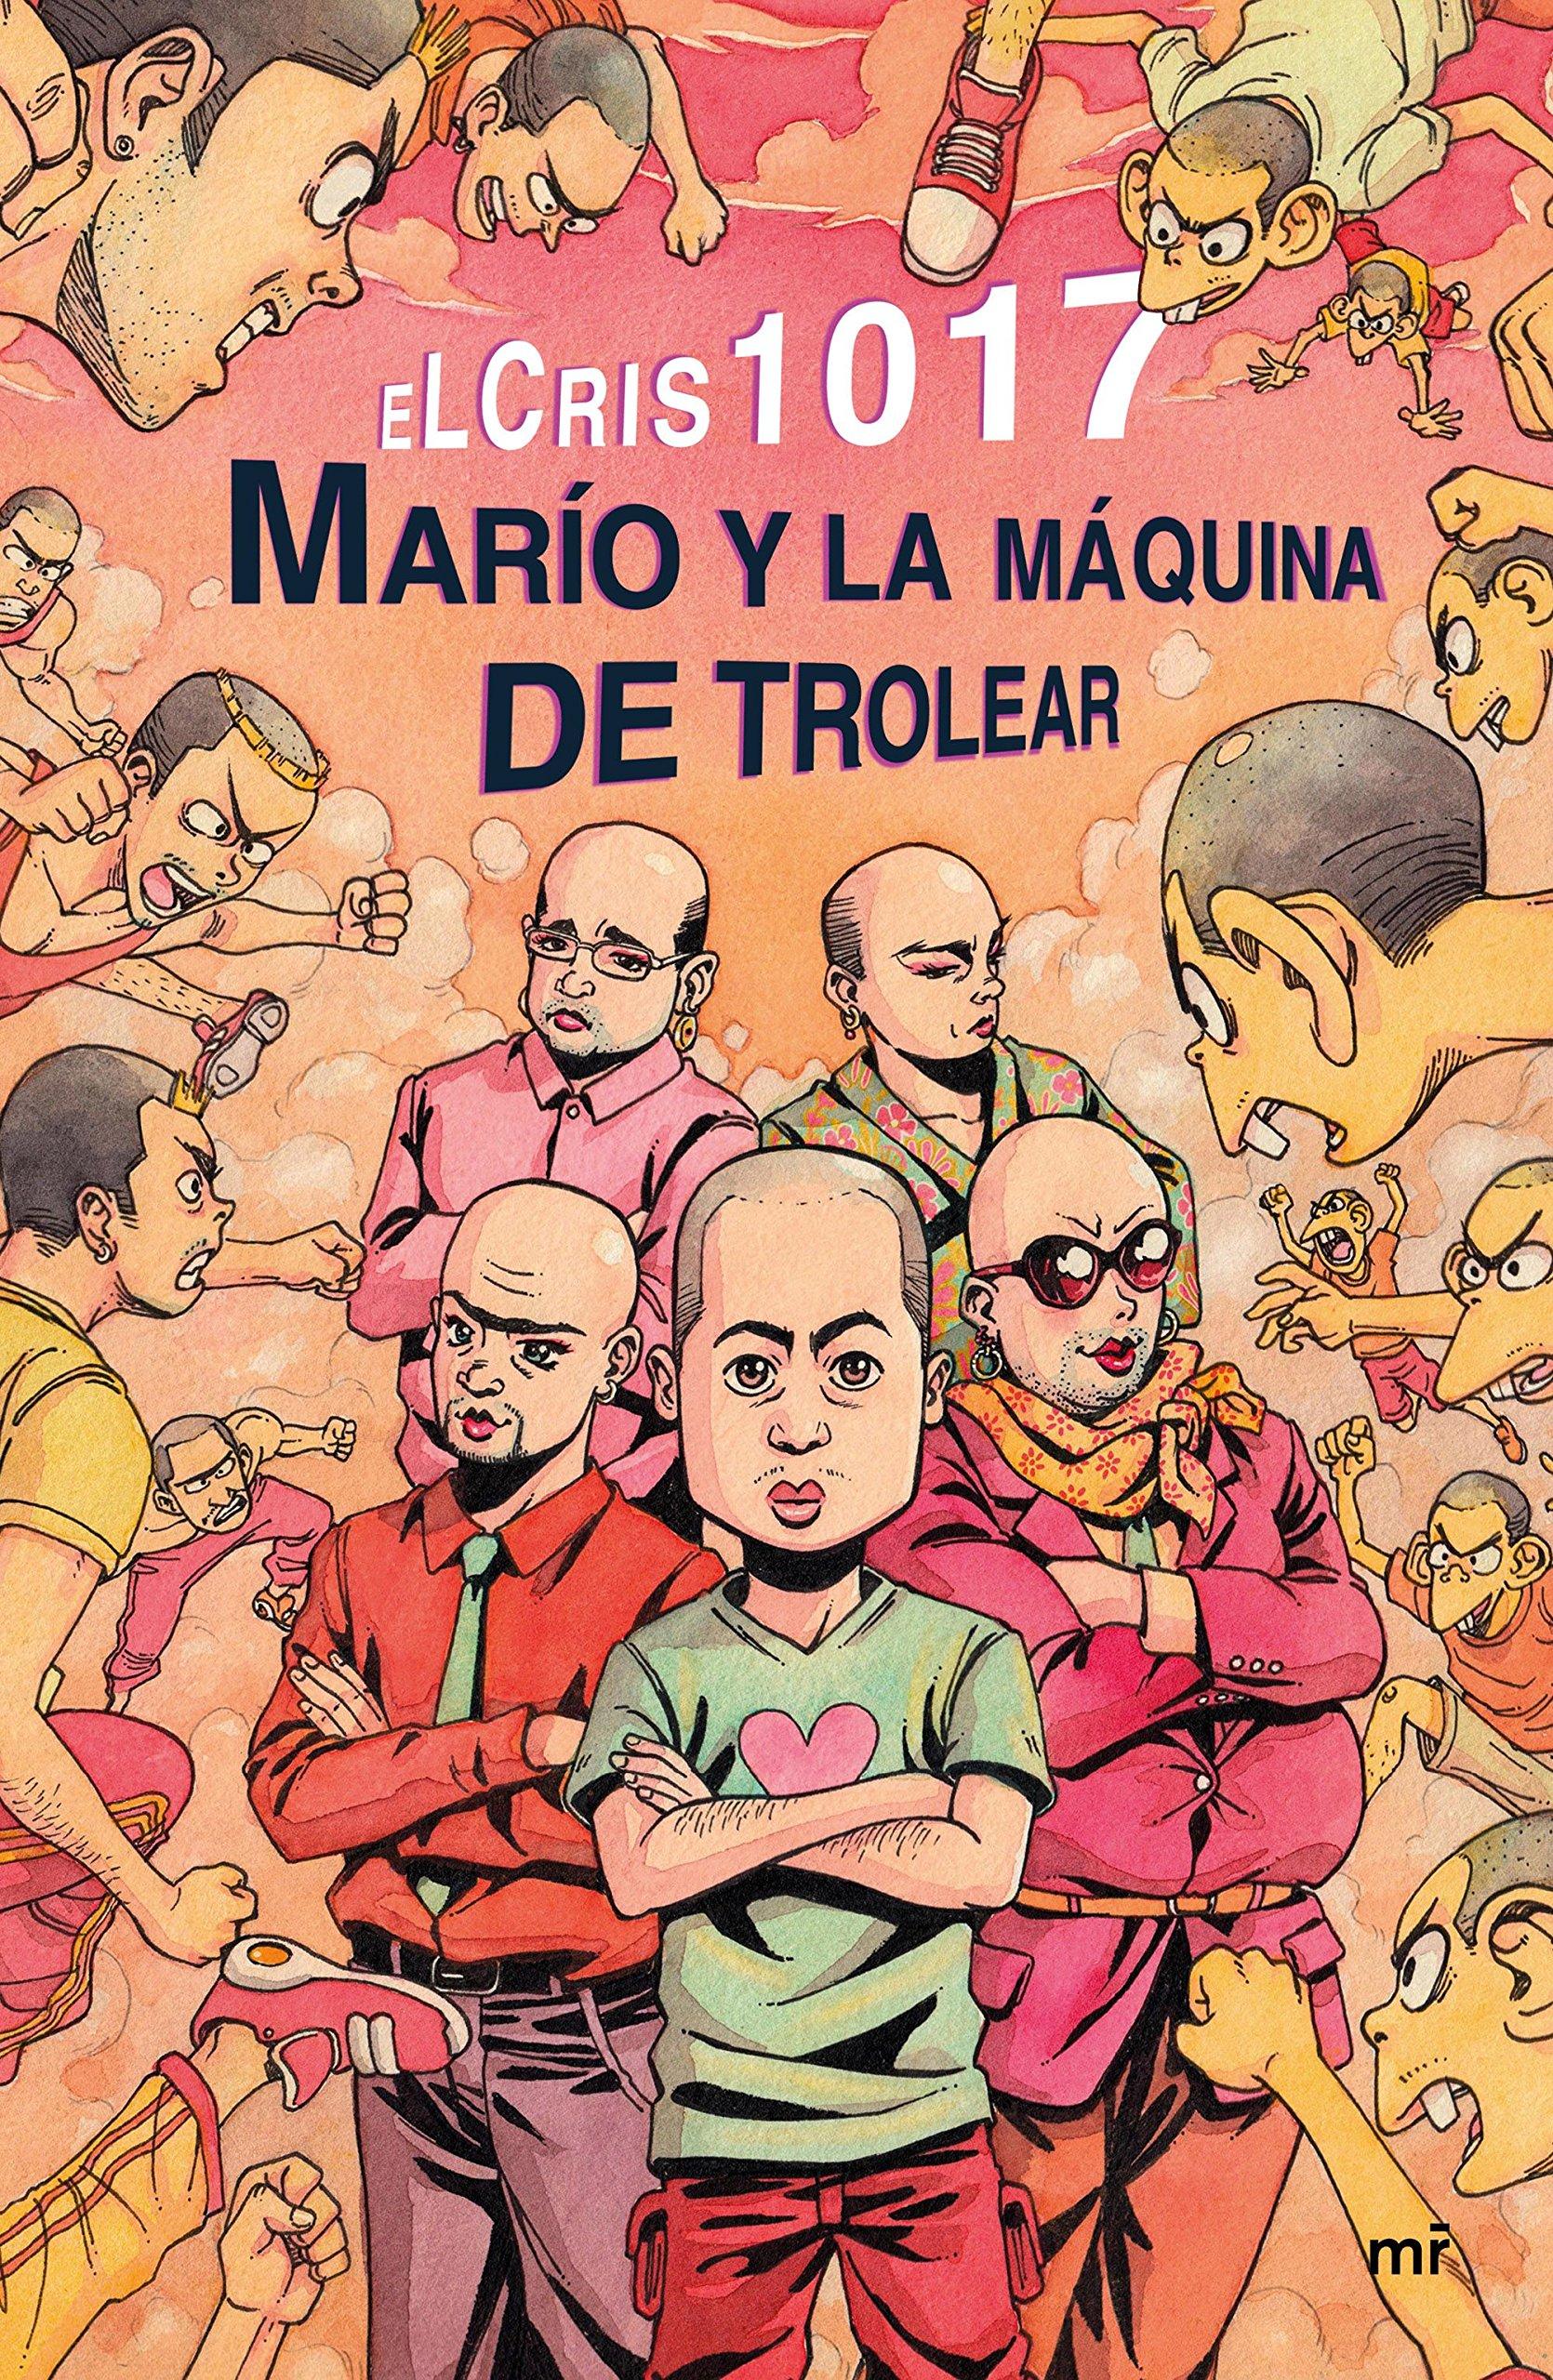 Marío y la máquina de trolear (Fuera de Colección): Amazon.es: eLCris: Libros